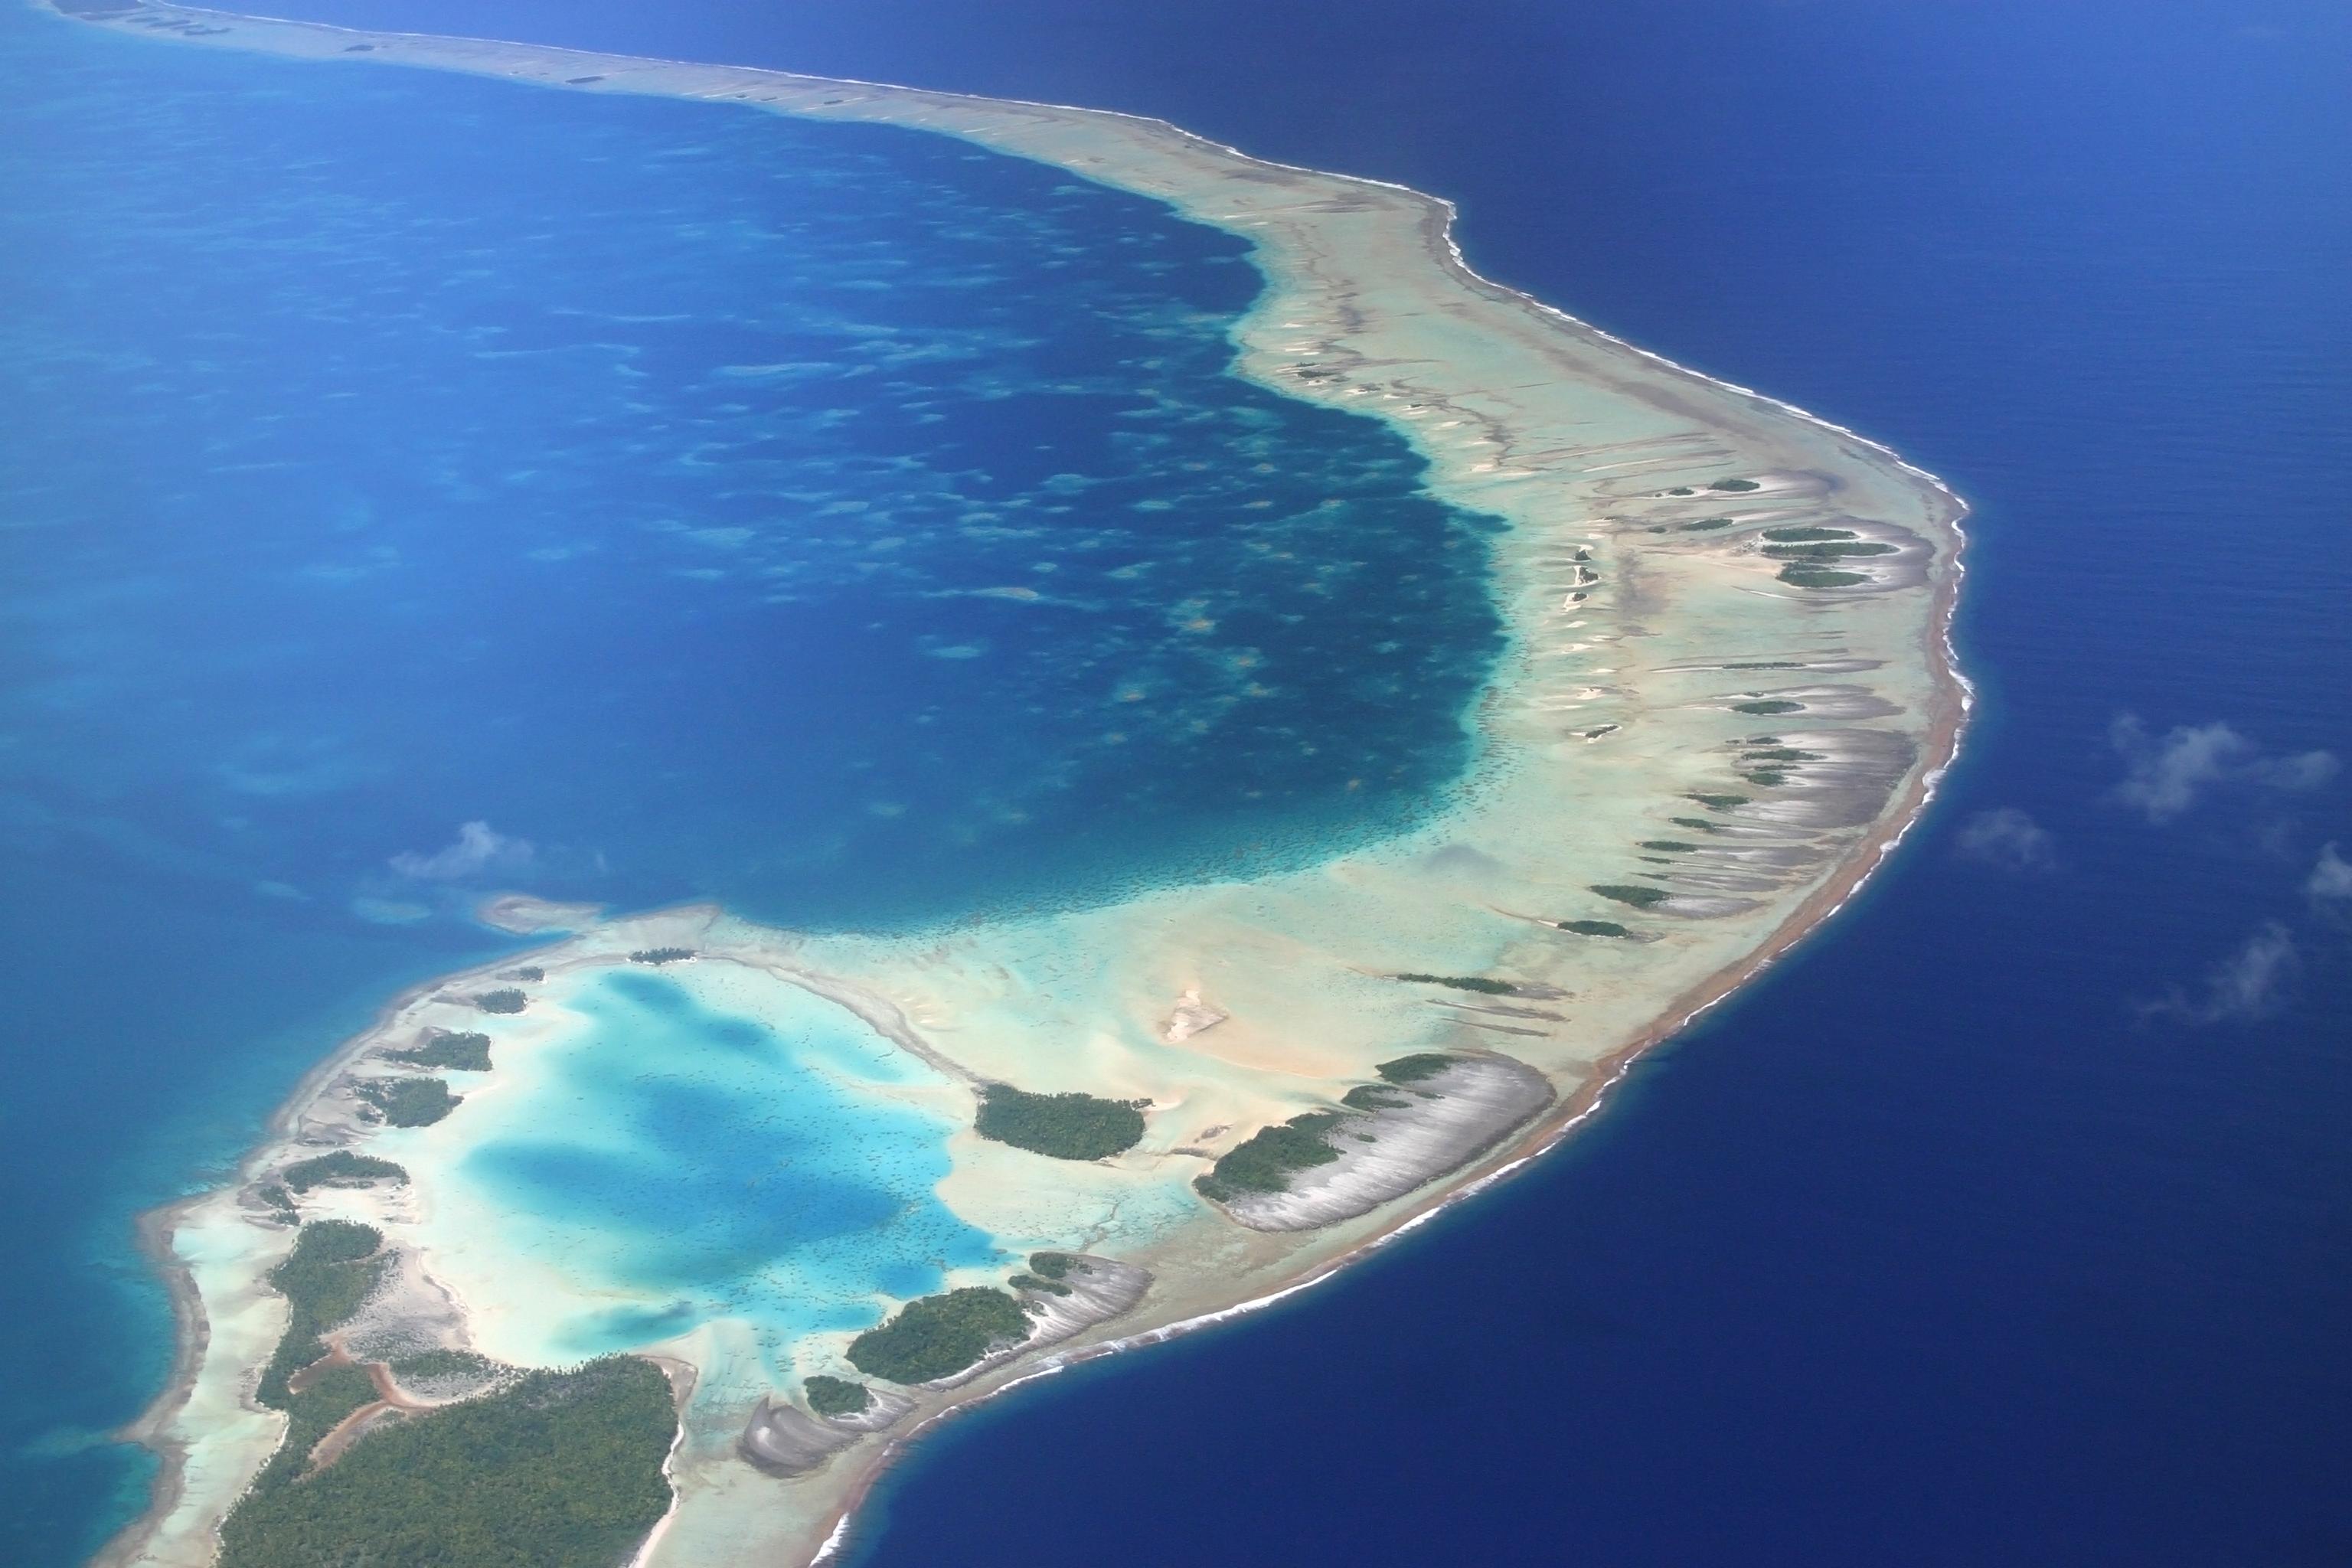 """Рангироа<br /> Едно от най-мечтаните и спиращи дъха места за почивка<br /> Архипелагът Туамоту се намира на 400 км. от малката островна държава Таити и е едно от най-изолираните места в света. Рангироа означава """"огромно небе"""" и е вторият най-голям атол в света. Приливът пълни лагуната на всеки шест часа и носи със себе си милиони дребни риби, храна за големите хищници. Някои от представителите на морската фауна са тигрова акула, рифова акула, дружелюбни делфини и стотици видове разноцветни риби. Приказният атол може да се обиколи и с лодка из кораловата лагуна."""